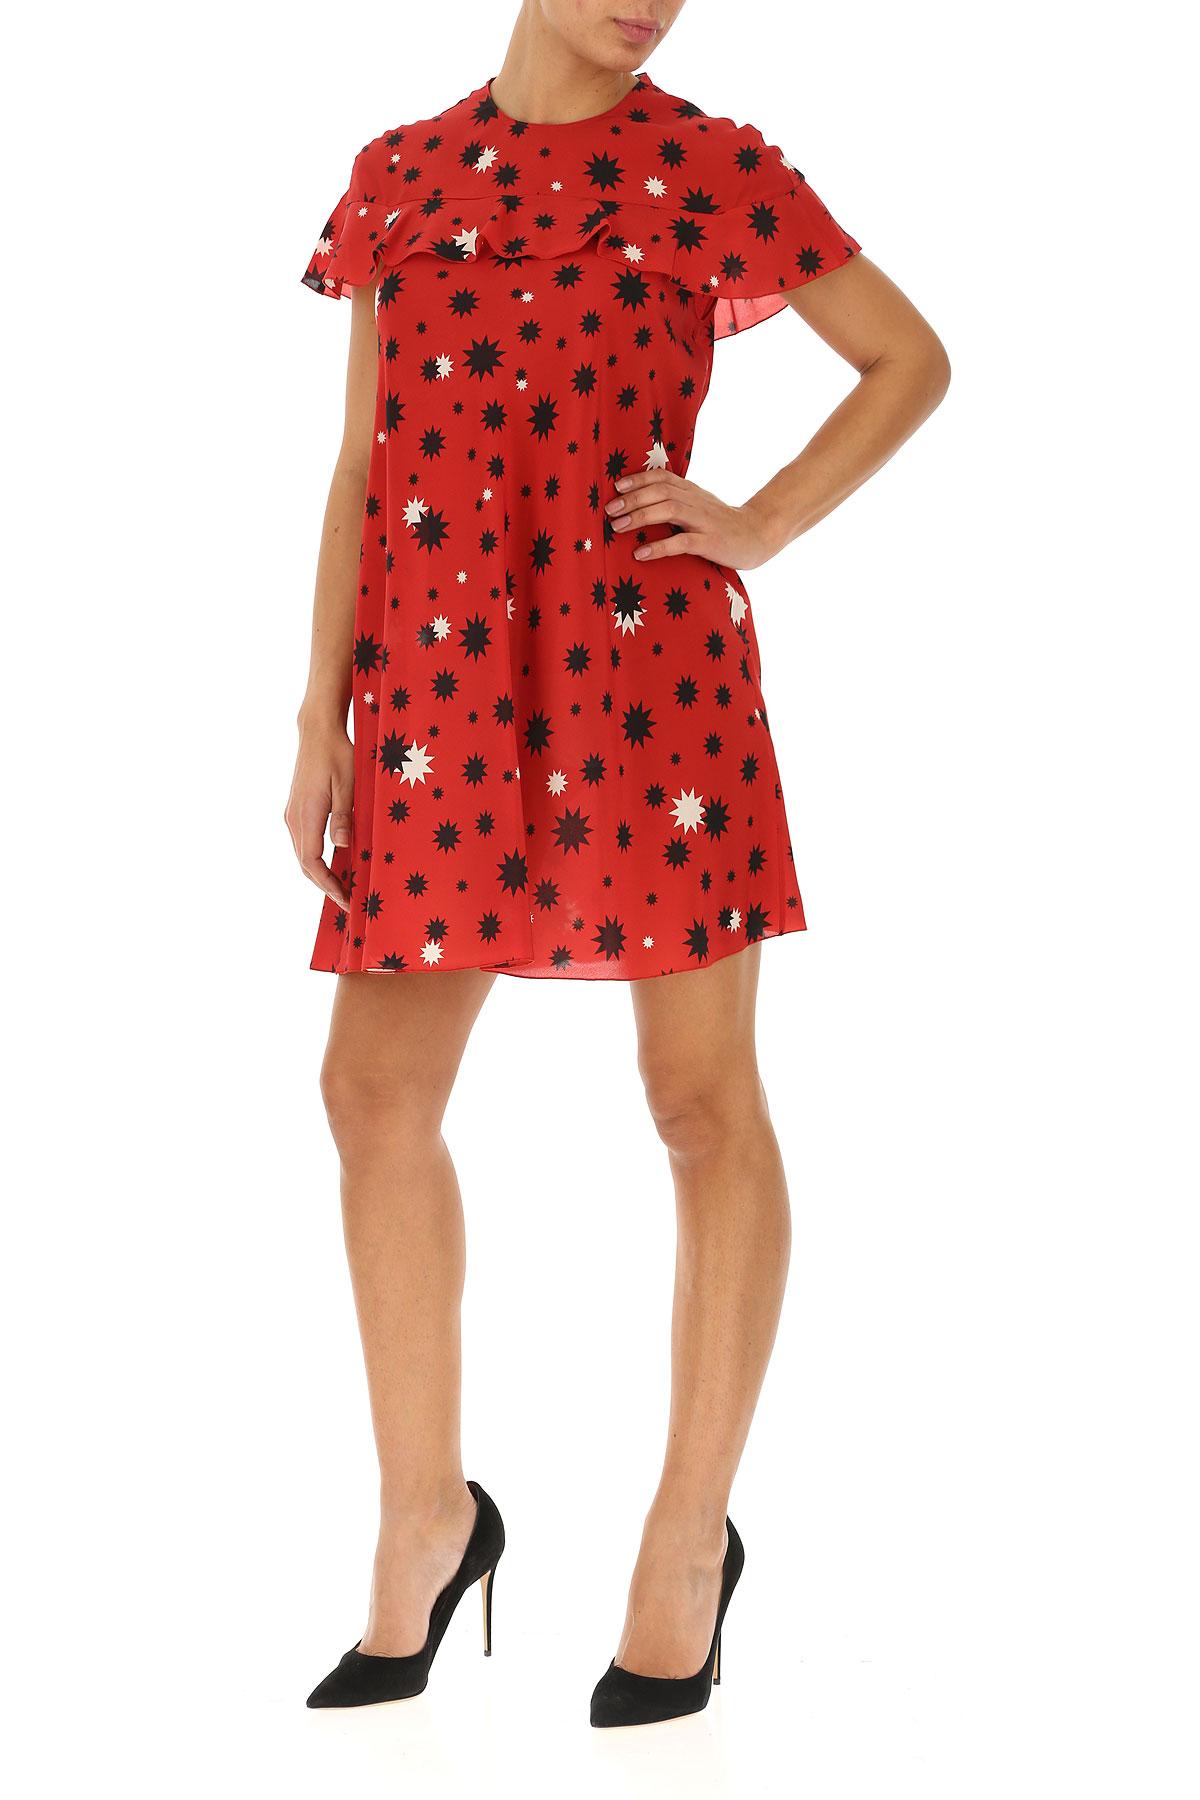 Valentino verano Rojo Ropa Negro Red 2019 Para Mujer Primavera Hq1dFwFZ